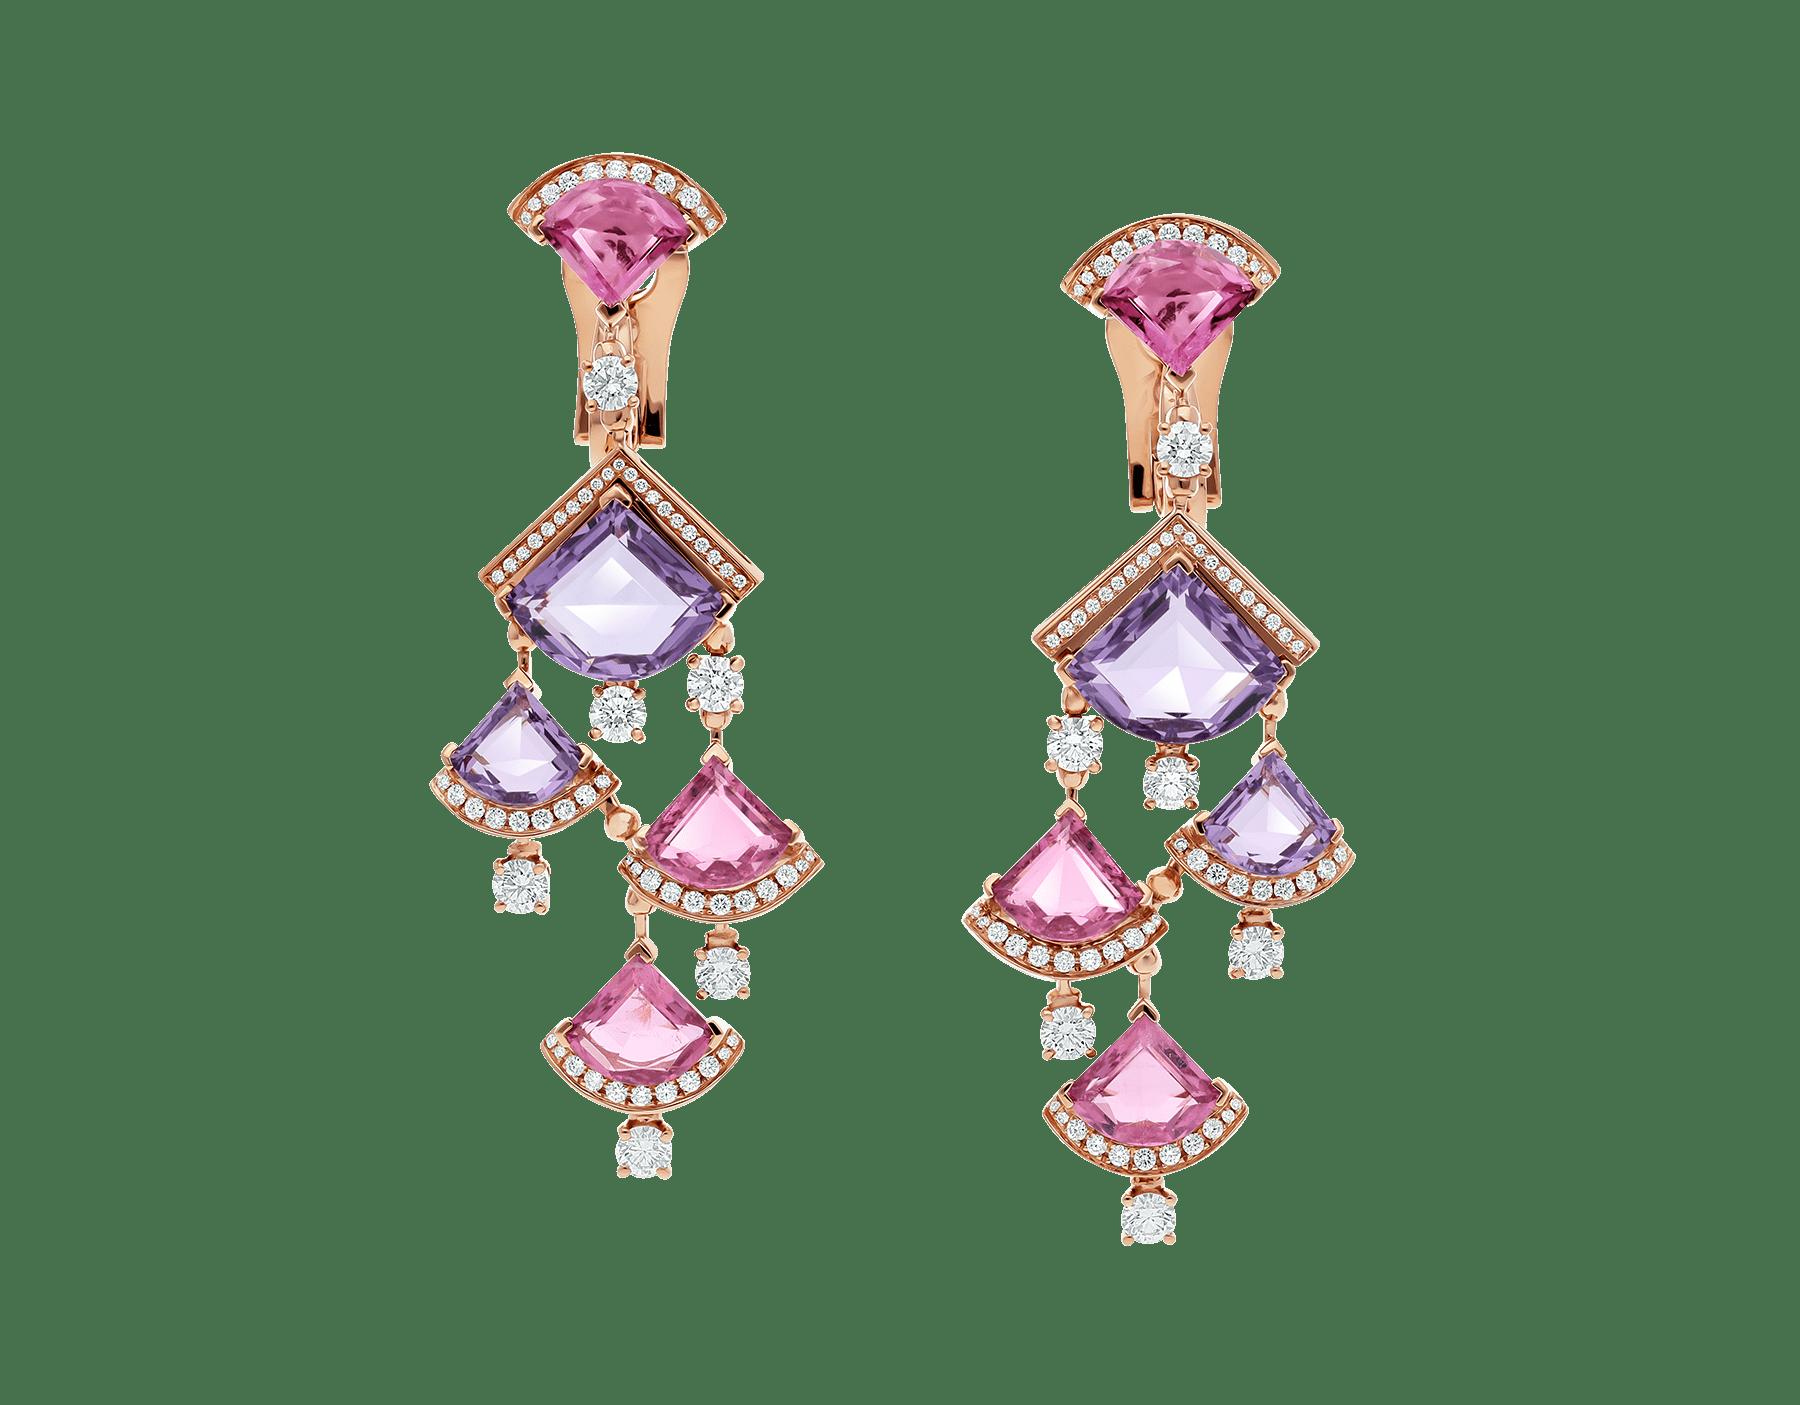 Brincos DIVAS' DREAM em ouro rosa 18K cravejados com rubelita rosa, ametista e pavê de diamantes. 354078 image 1